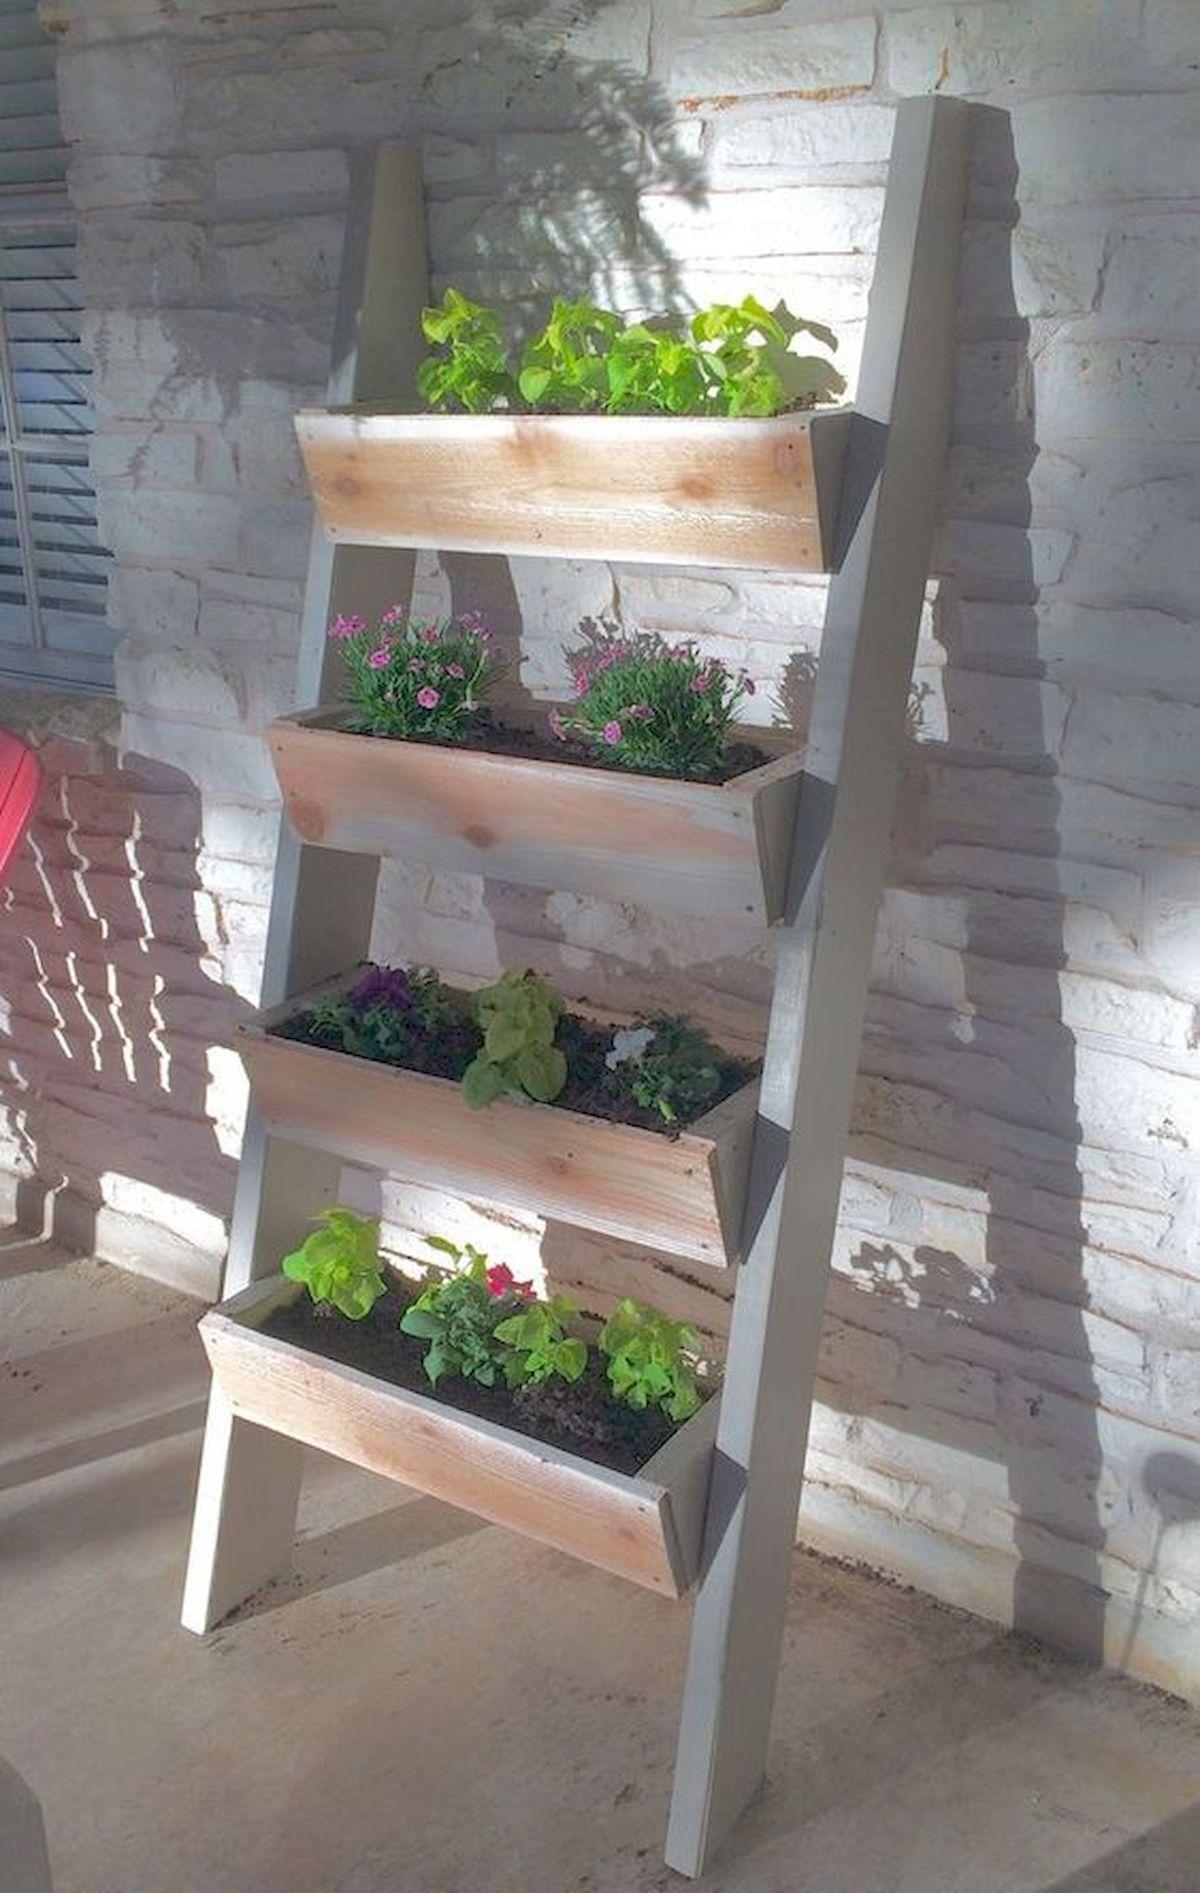 44 Creative DIY Vertical Garden Ideas To Make Your Home Beautiful (16)